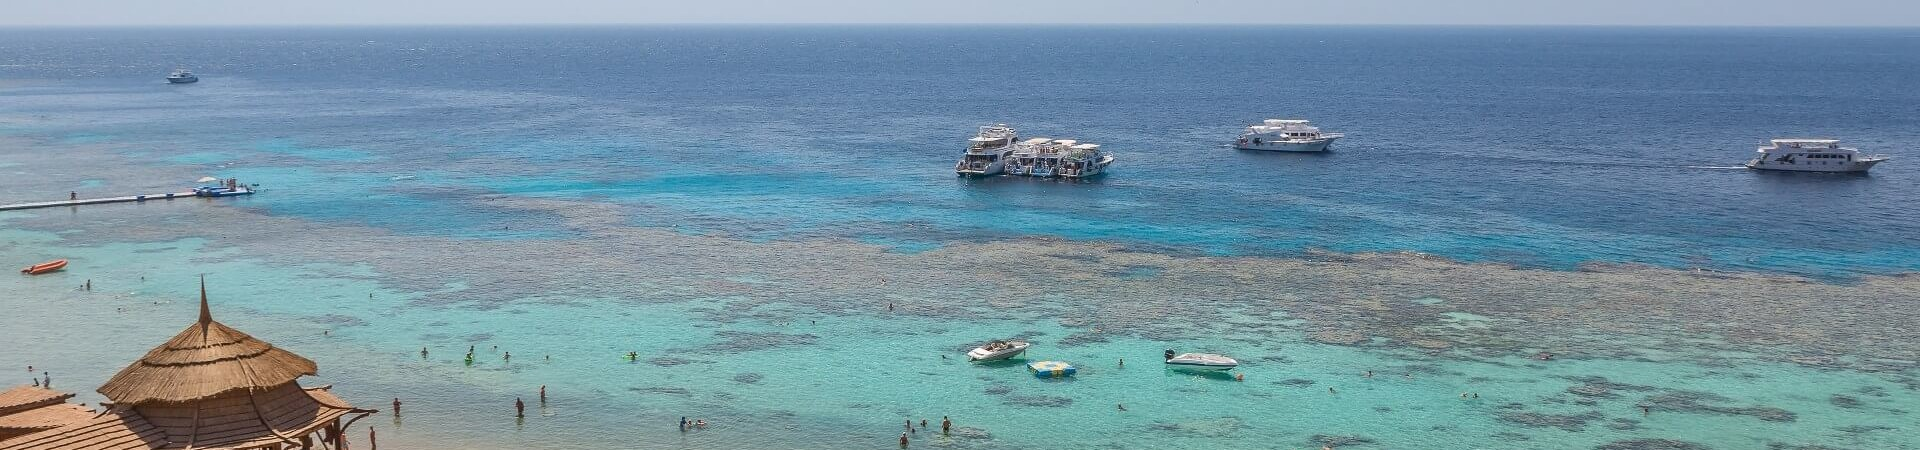 Piaszczysta plaża Egipt